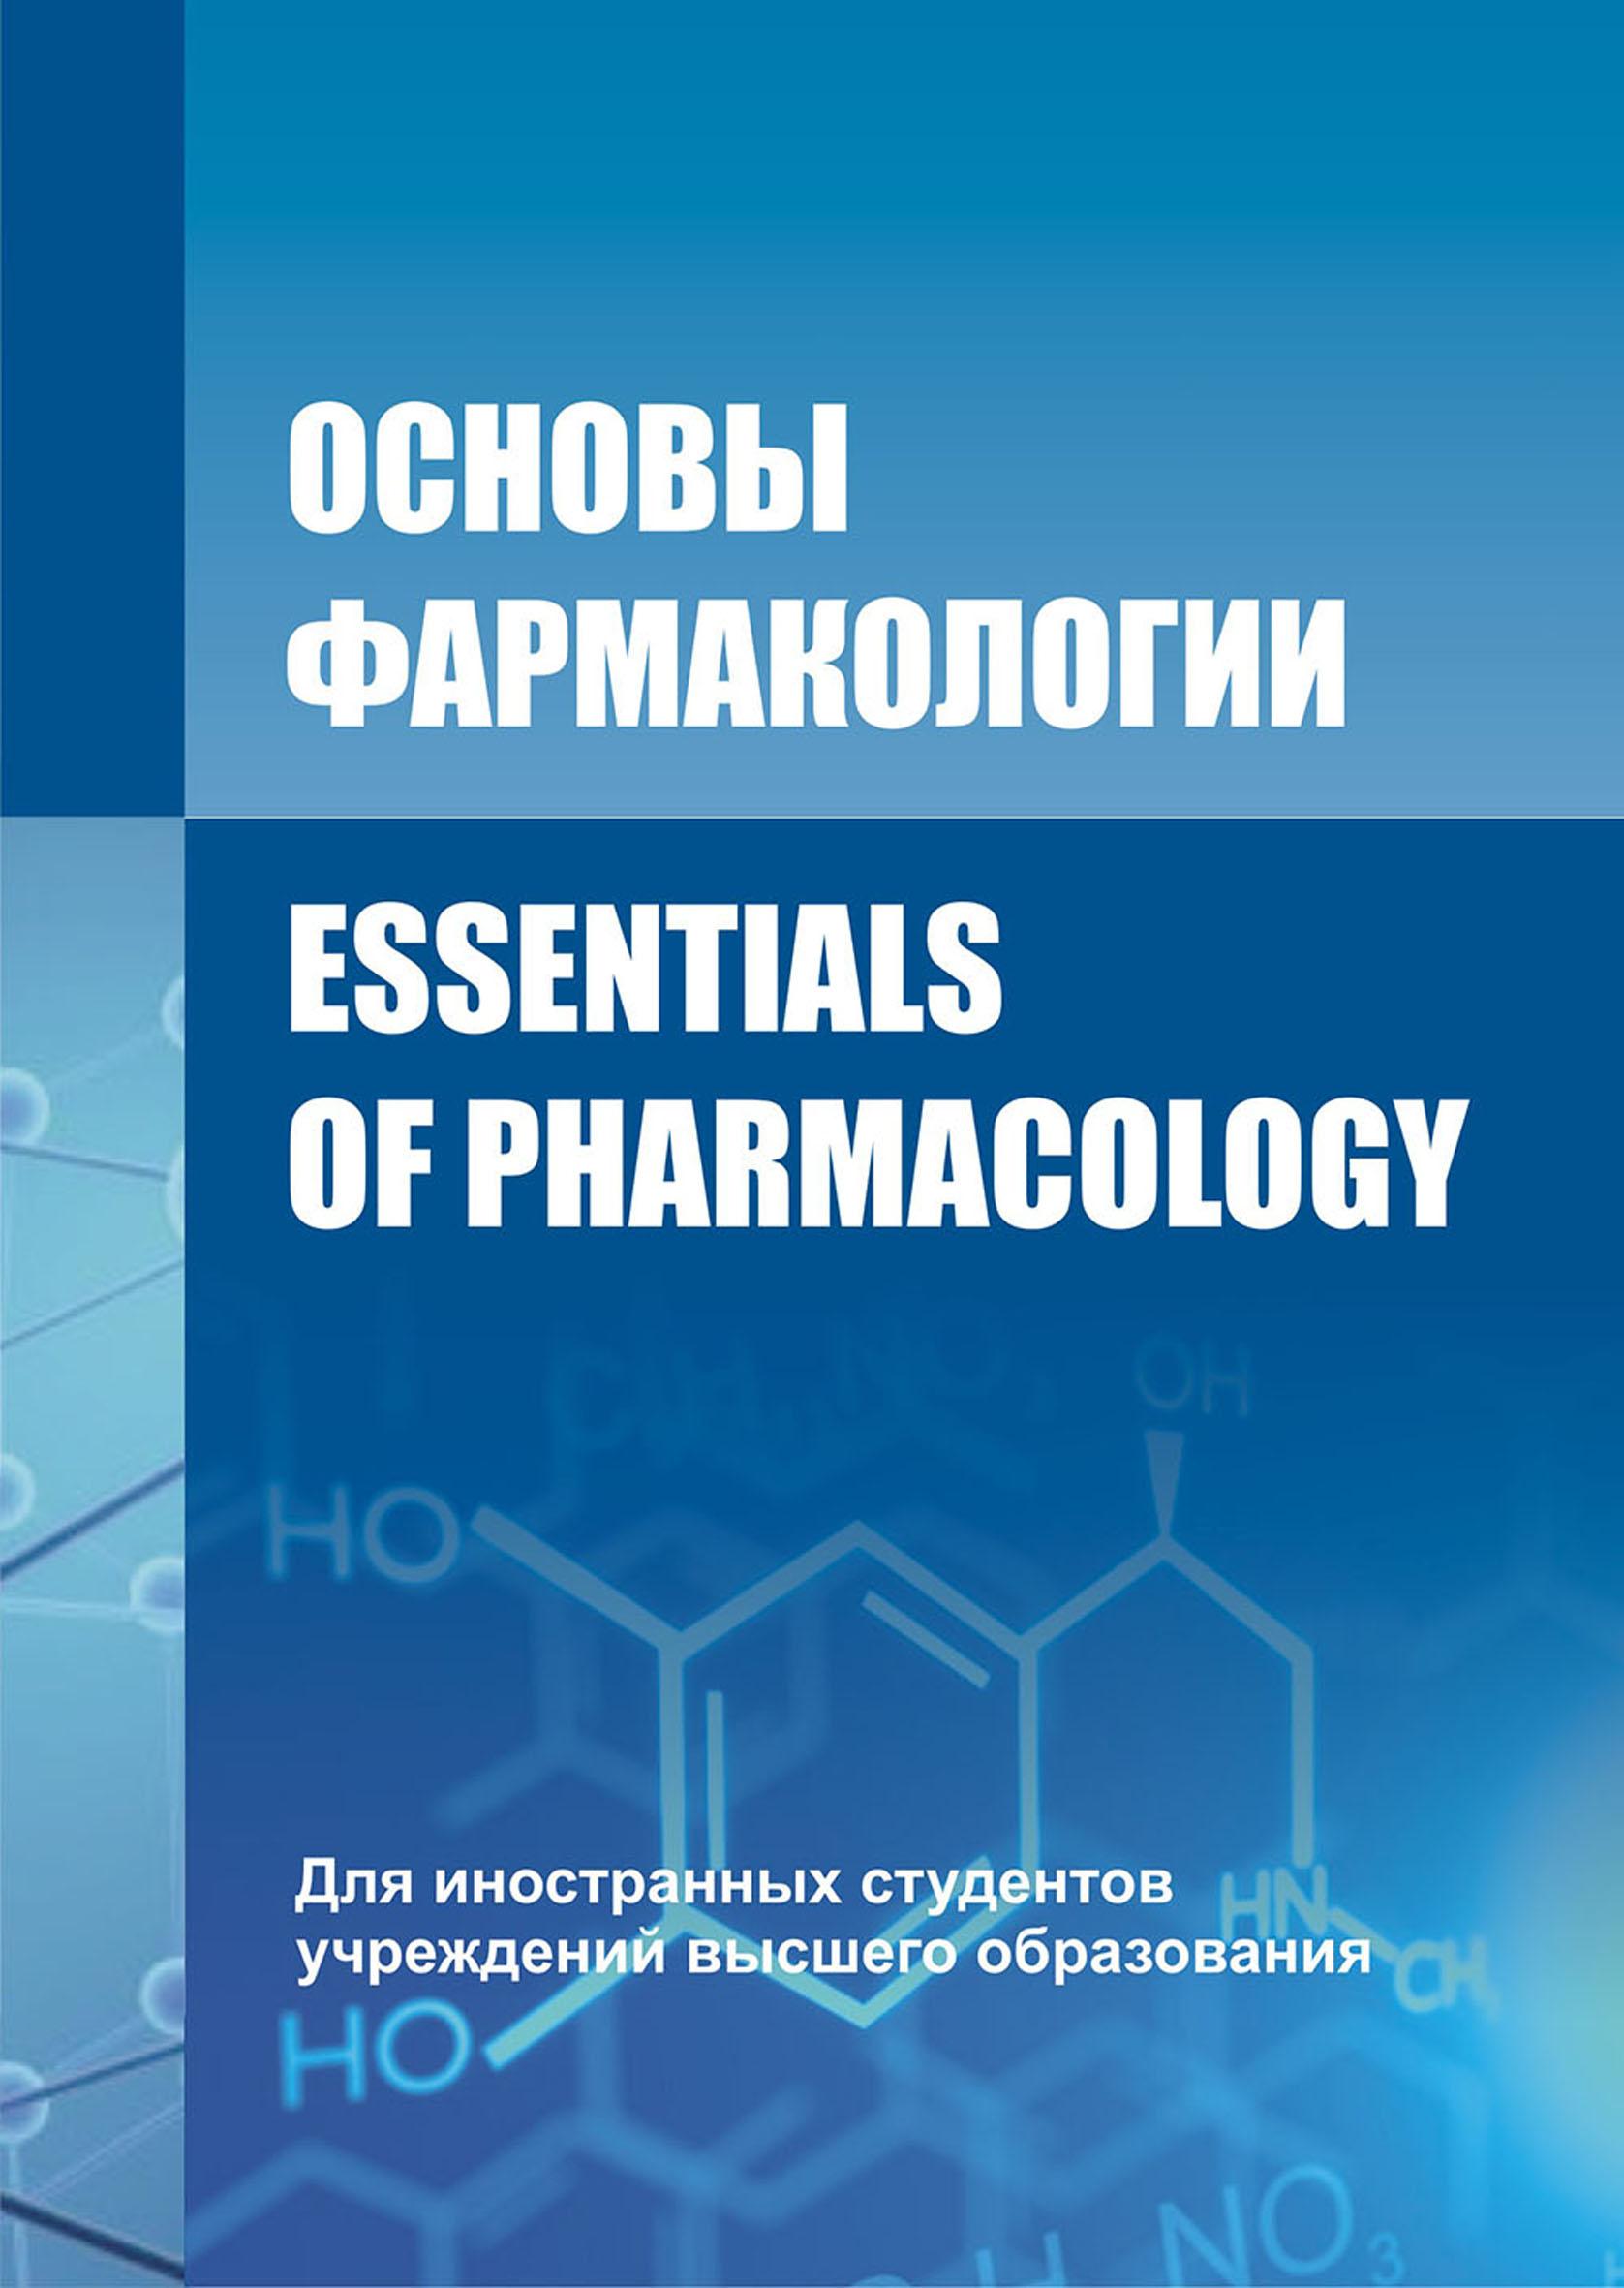 Основы фармакологии / Essentials of Pharmacology ( В. И. Козловский  )